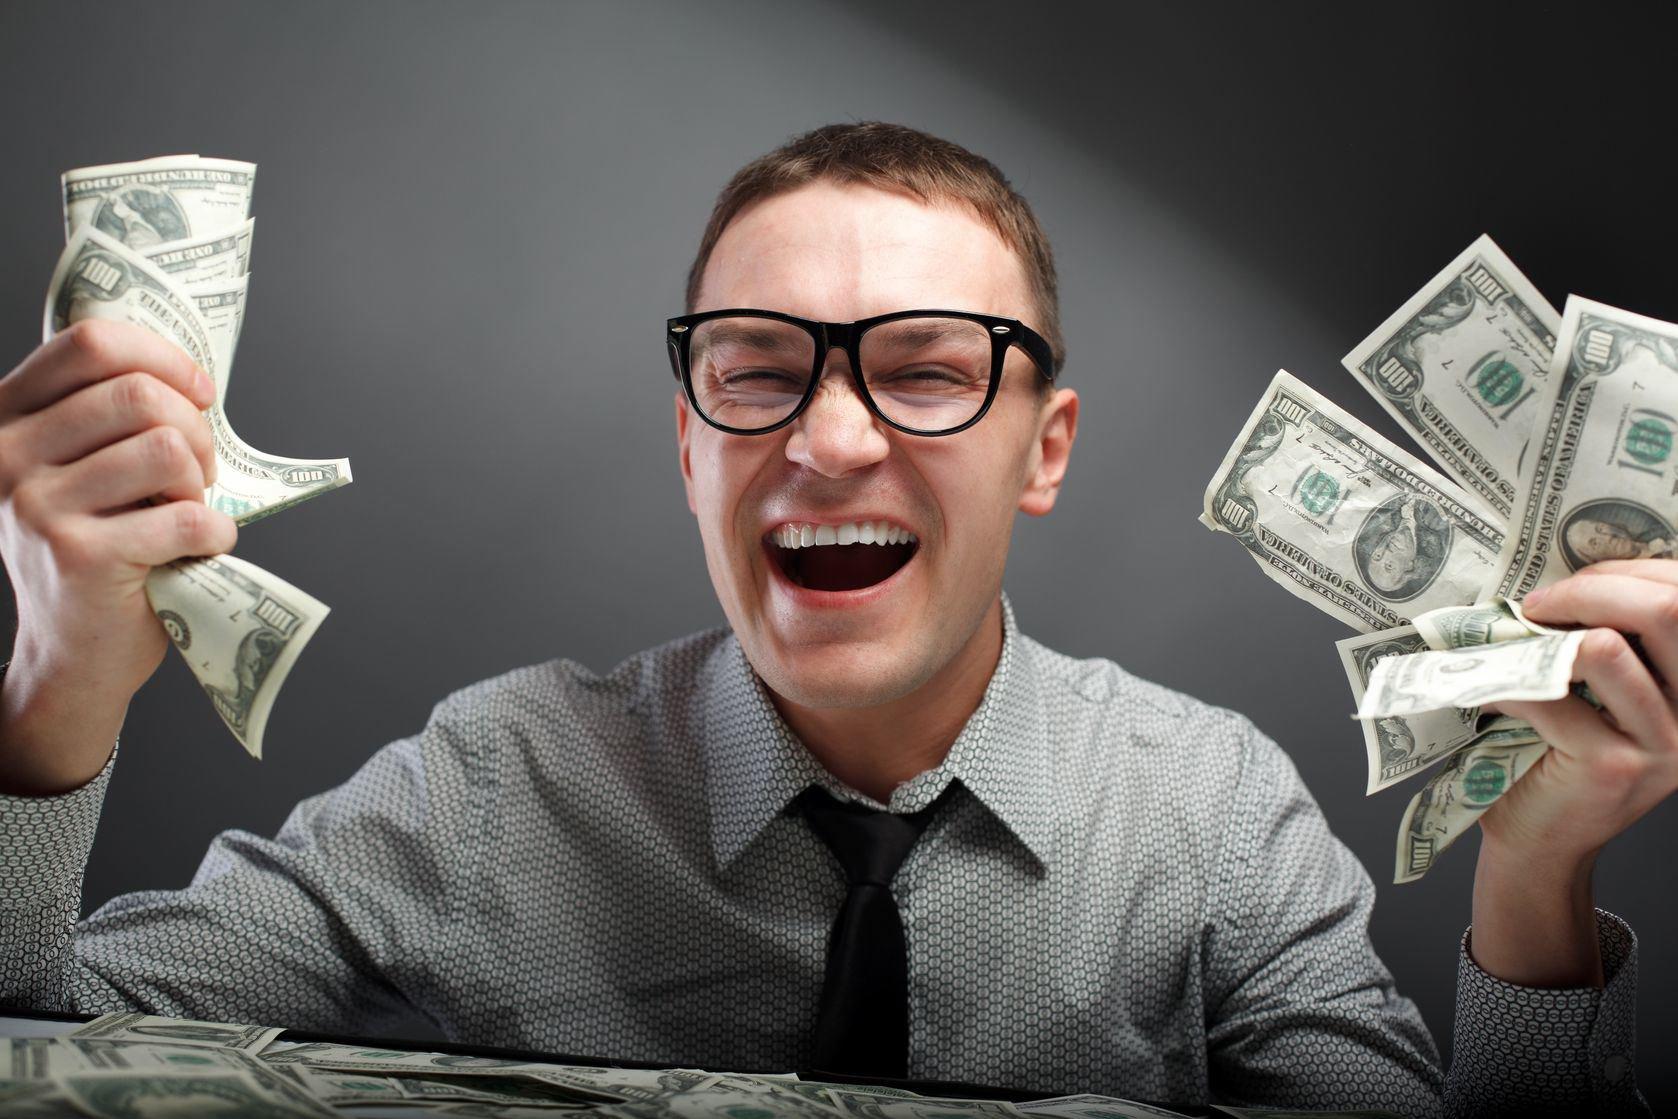 Bingo-Happy-Man-with-Money